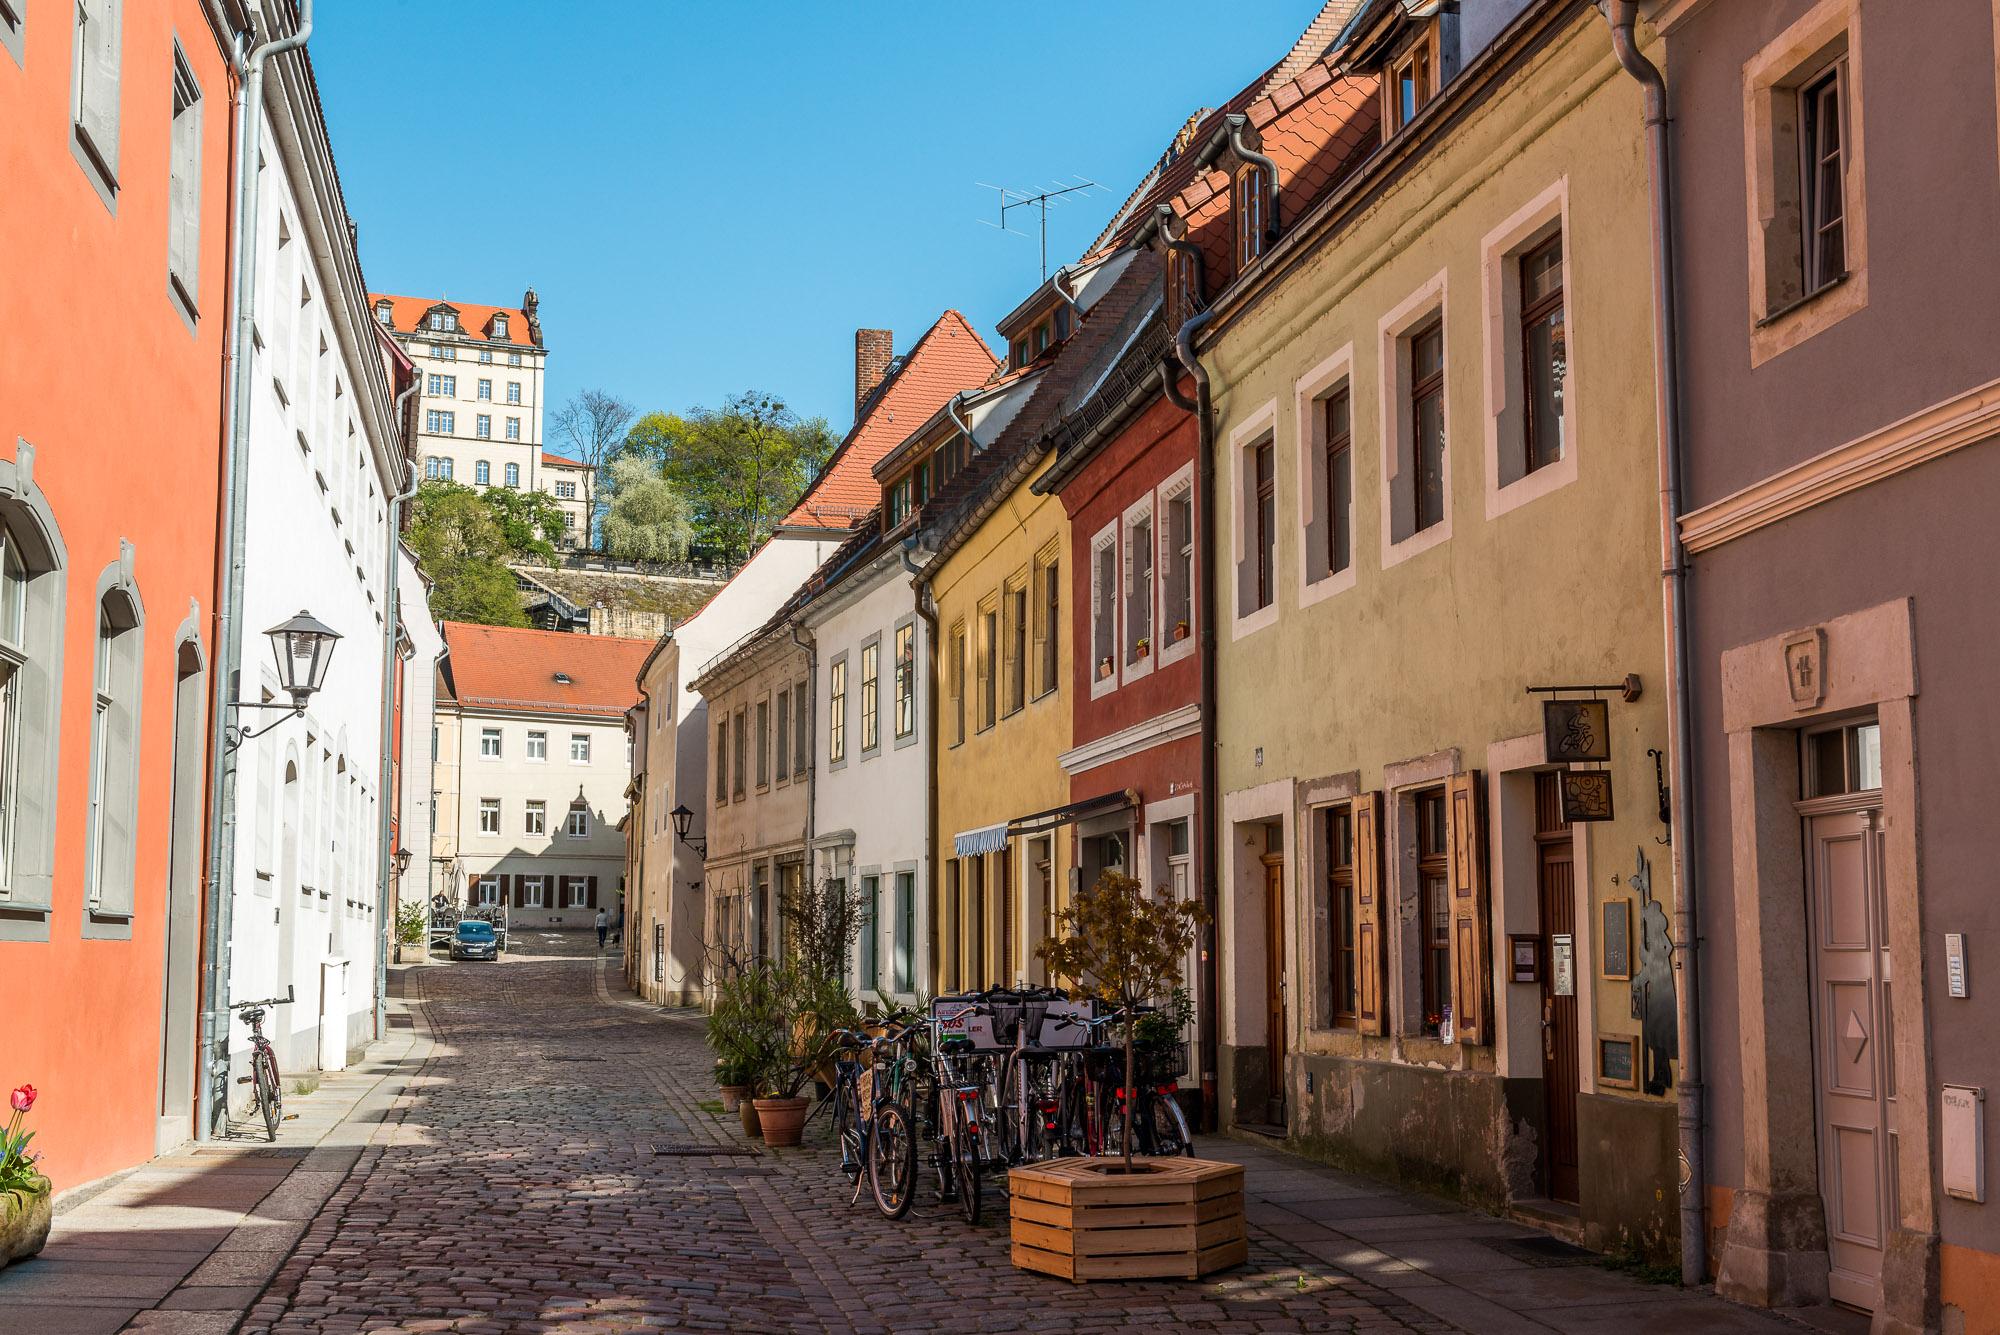 Gasse in Pirna ©Achim Meurer